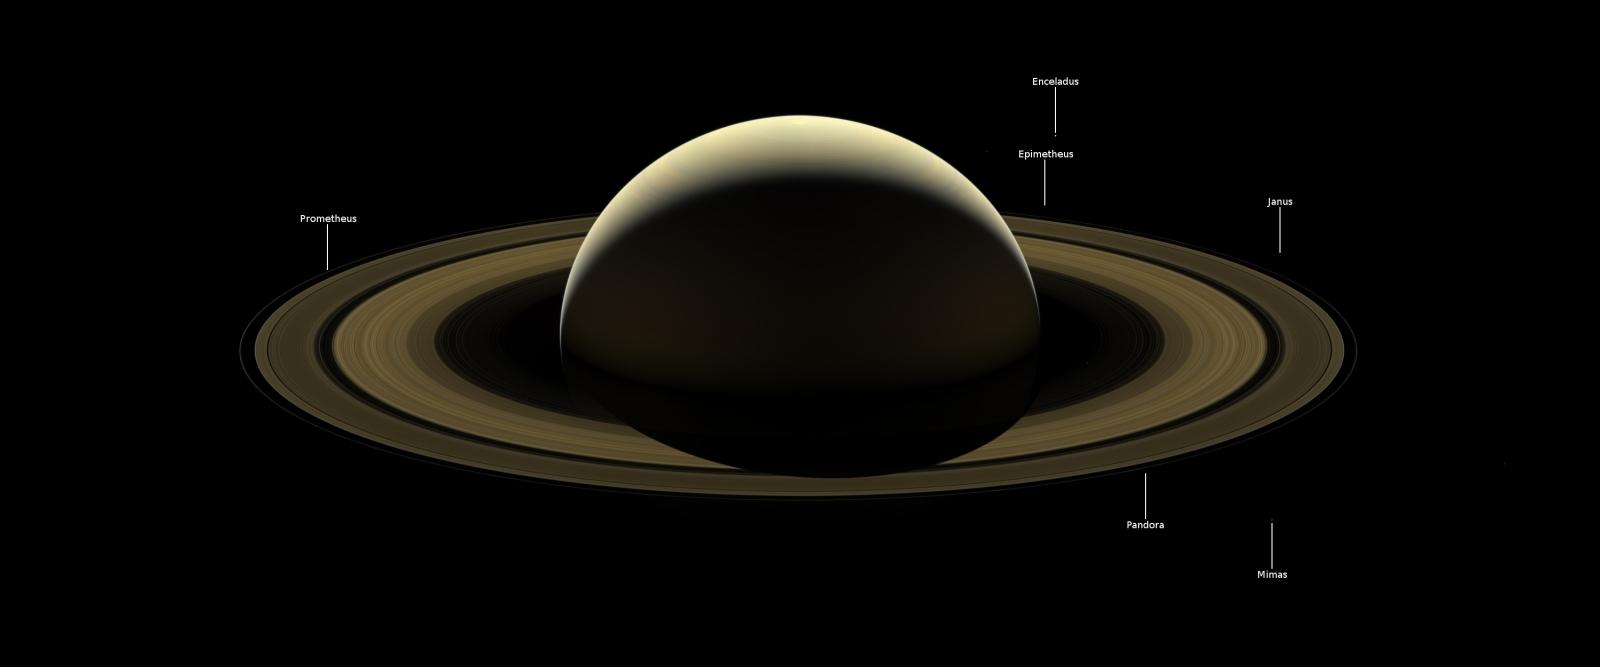 Cassini final image